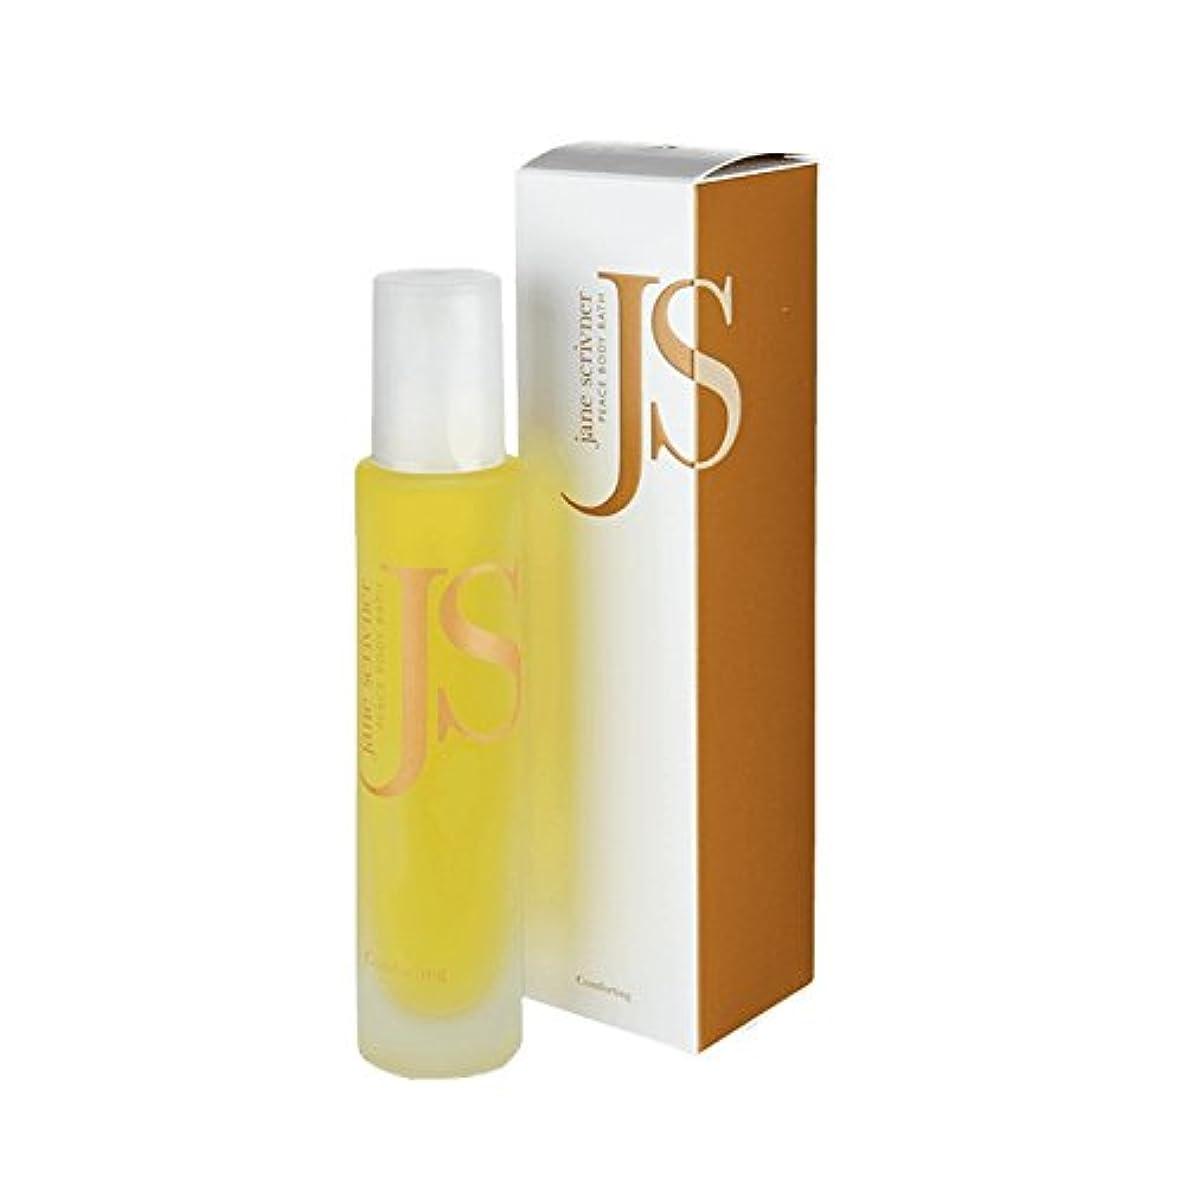 ビザ目を覚ます目を覚ますJane Scrivner Body Bath Oil Peace 100ml (Pack of 2) - ジェーンScrivnerボディバスオイル平和100ミリリットル (x2) [並行輸入品]